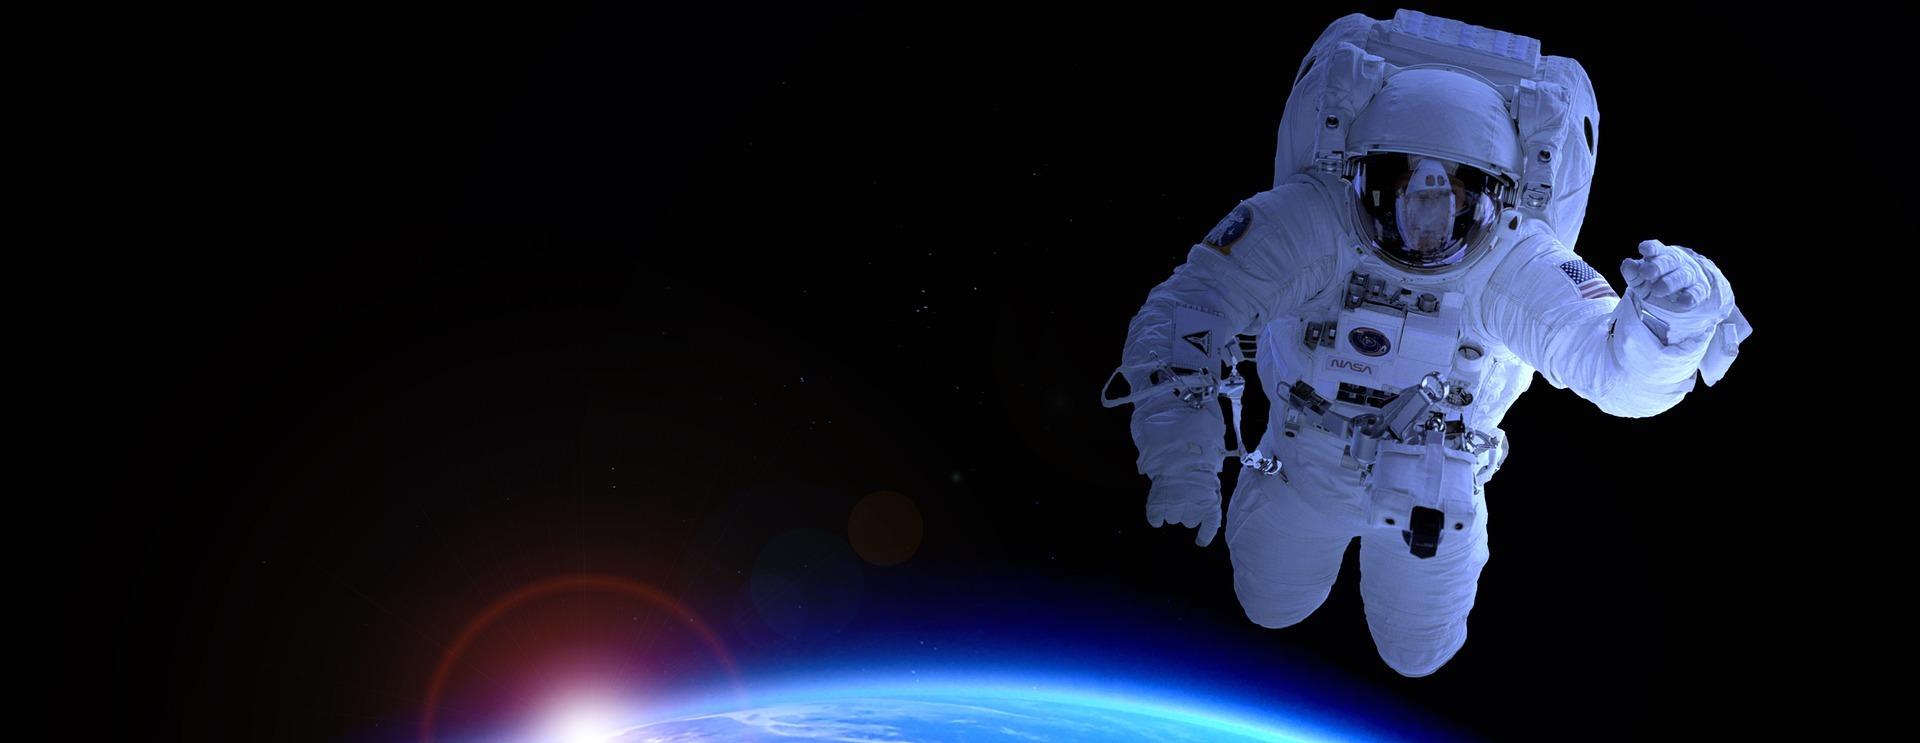 ロシアの宇宙飛行士がISSを離れて宇宙へ